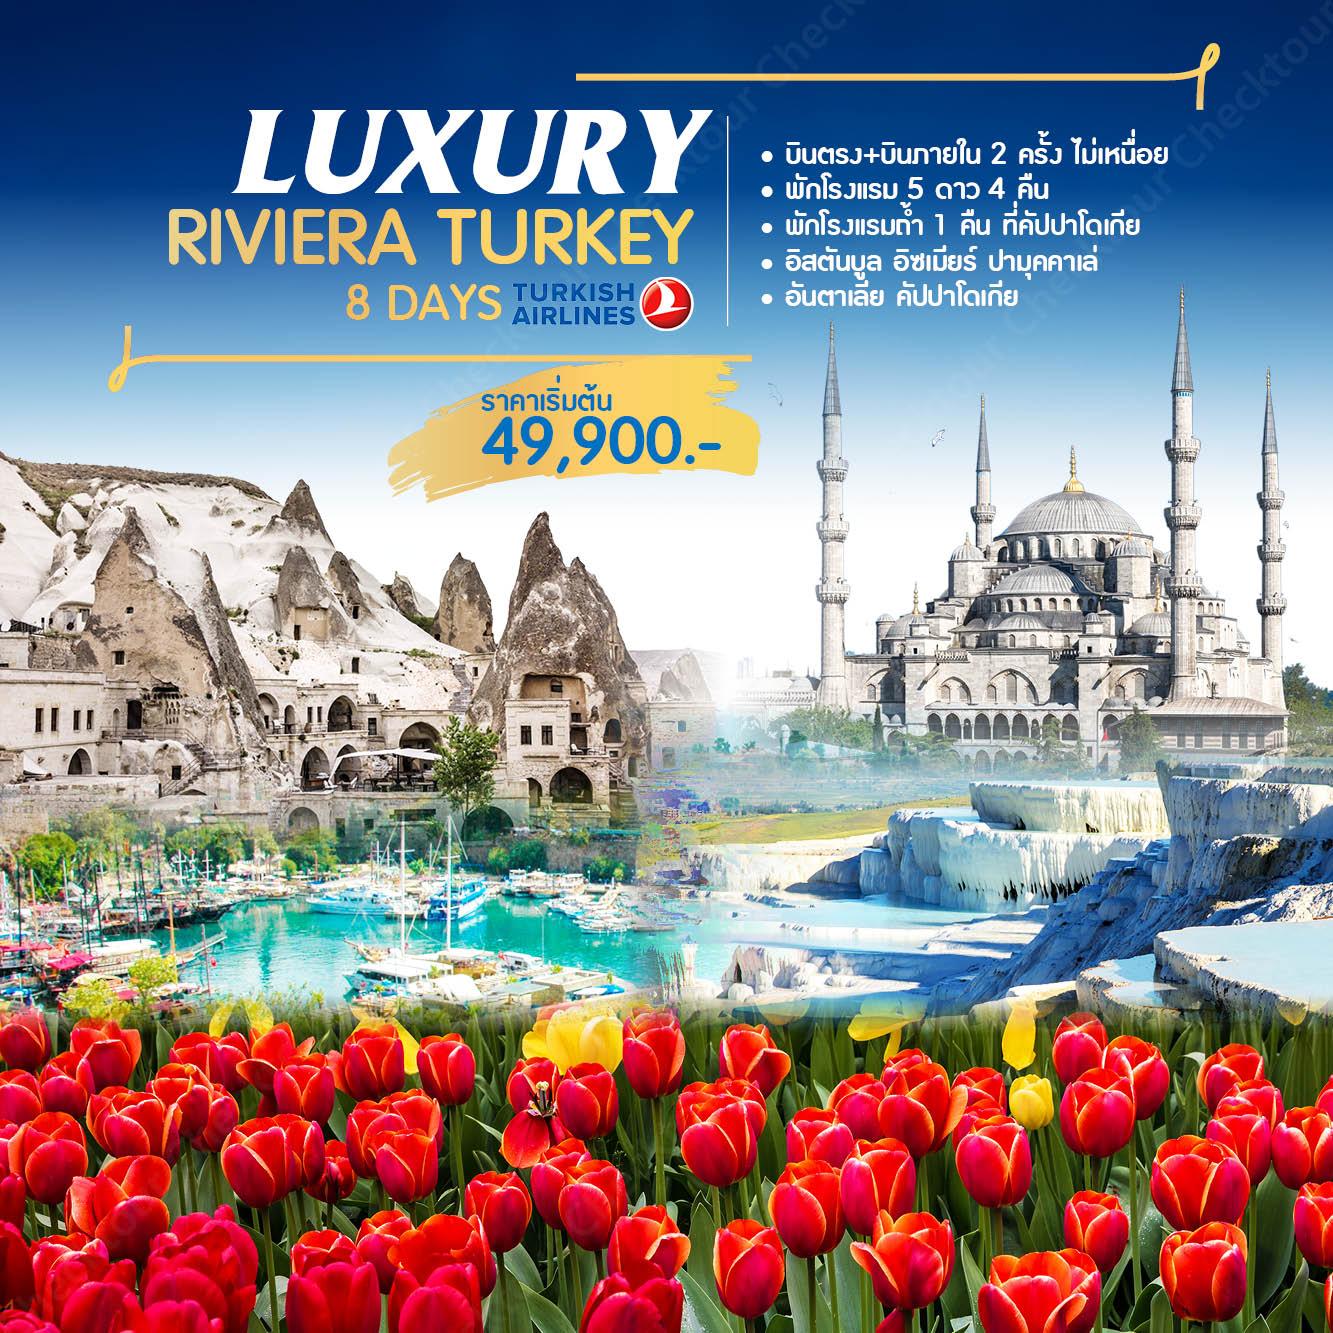 สงกรานต์ ทัวร์ตุรกี LUXURY RIVIERA TURKEY 8วัน 5คืน